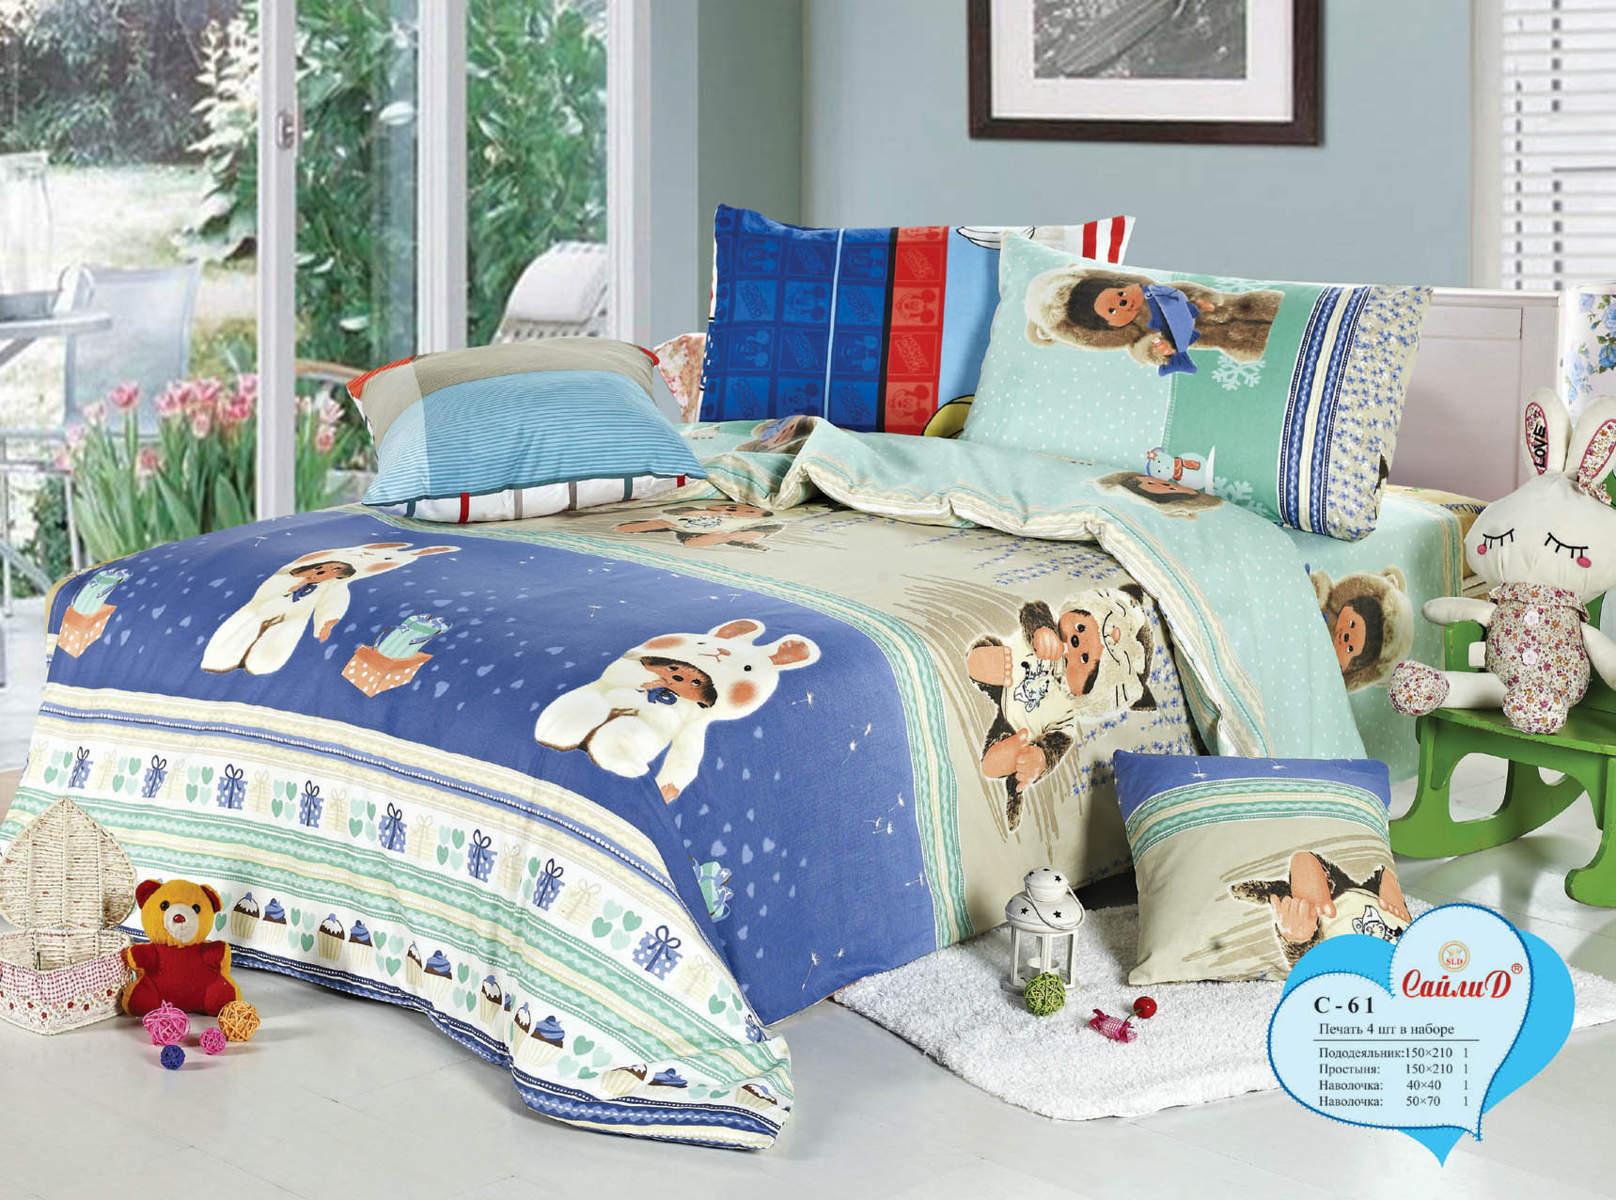 Детское постельное белье Сайлид С-61 - Detskoye-Postelnoe.Ru